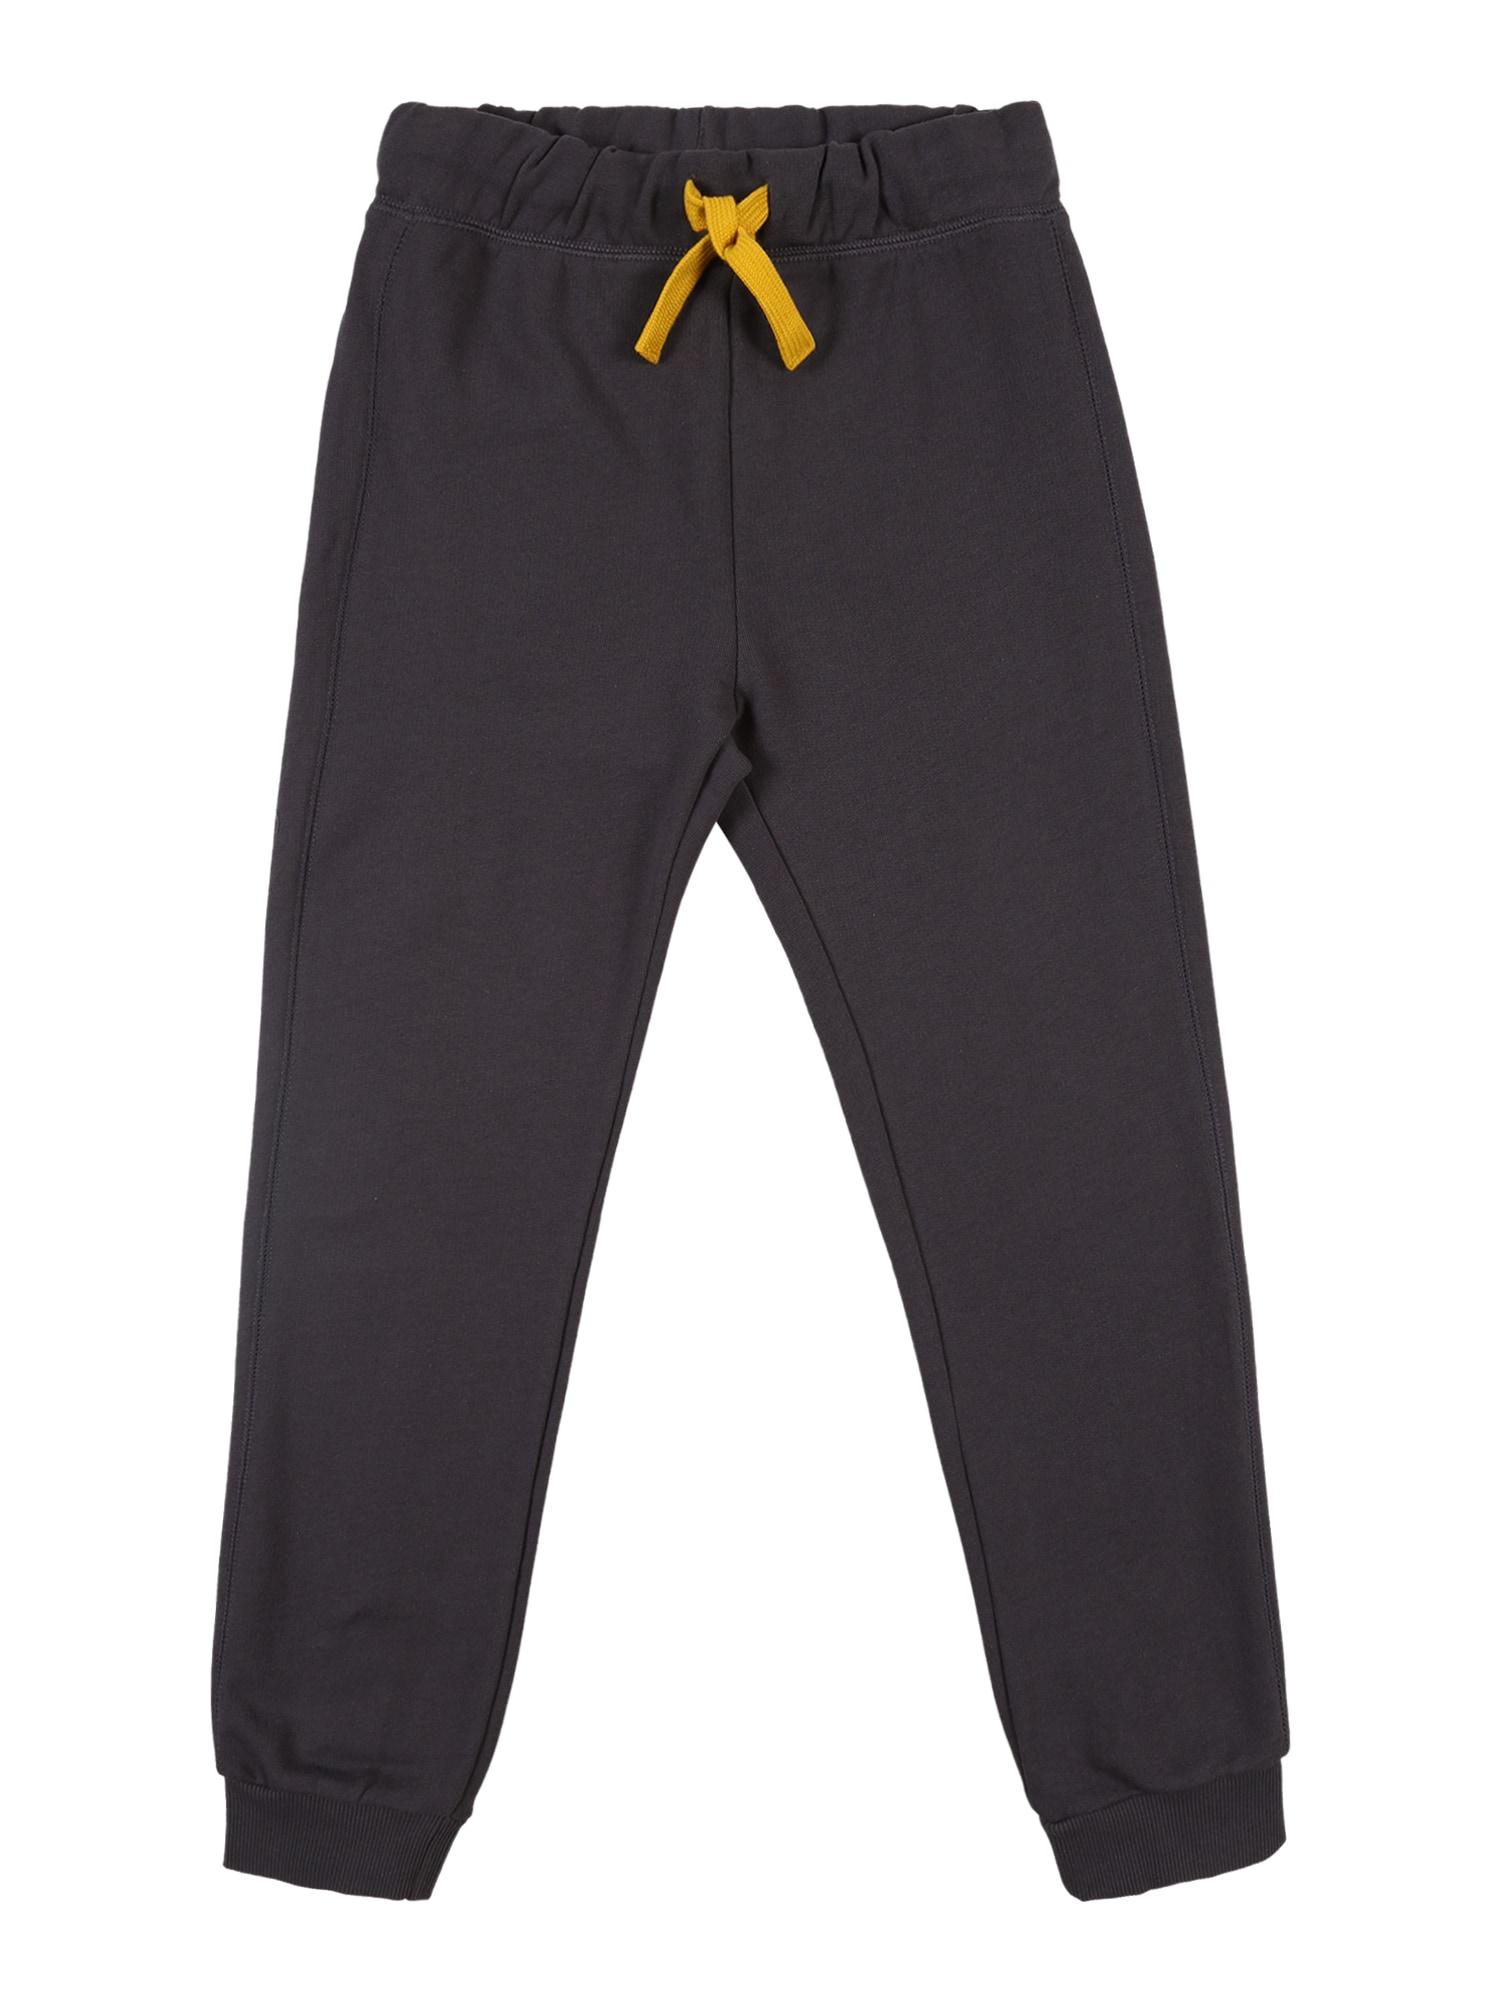 UNITED COLORS OF BENETTON Kalhoty  zlatě žlutá / tmavě šedá